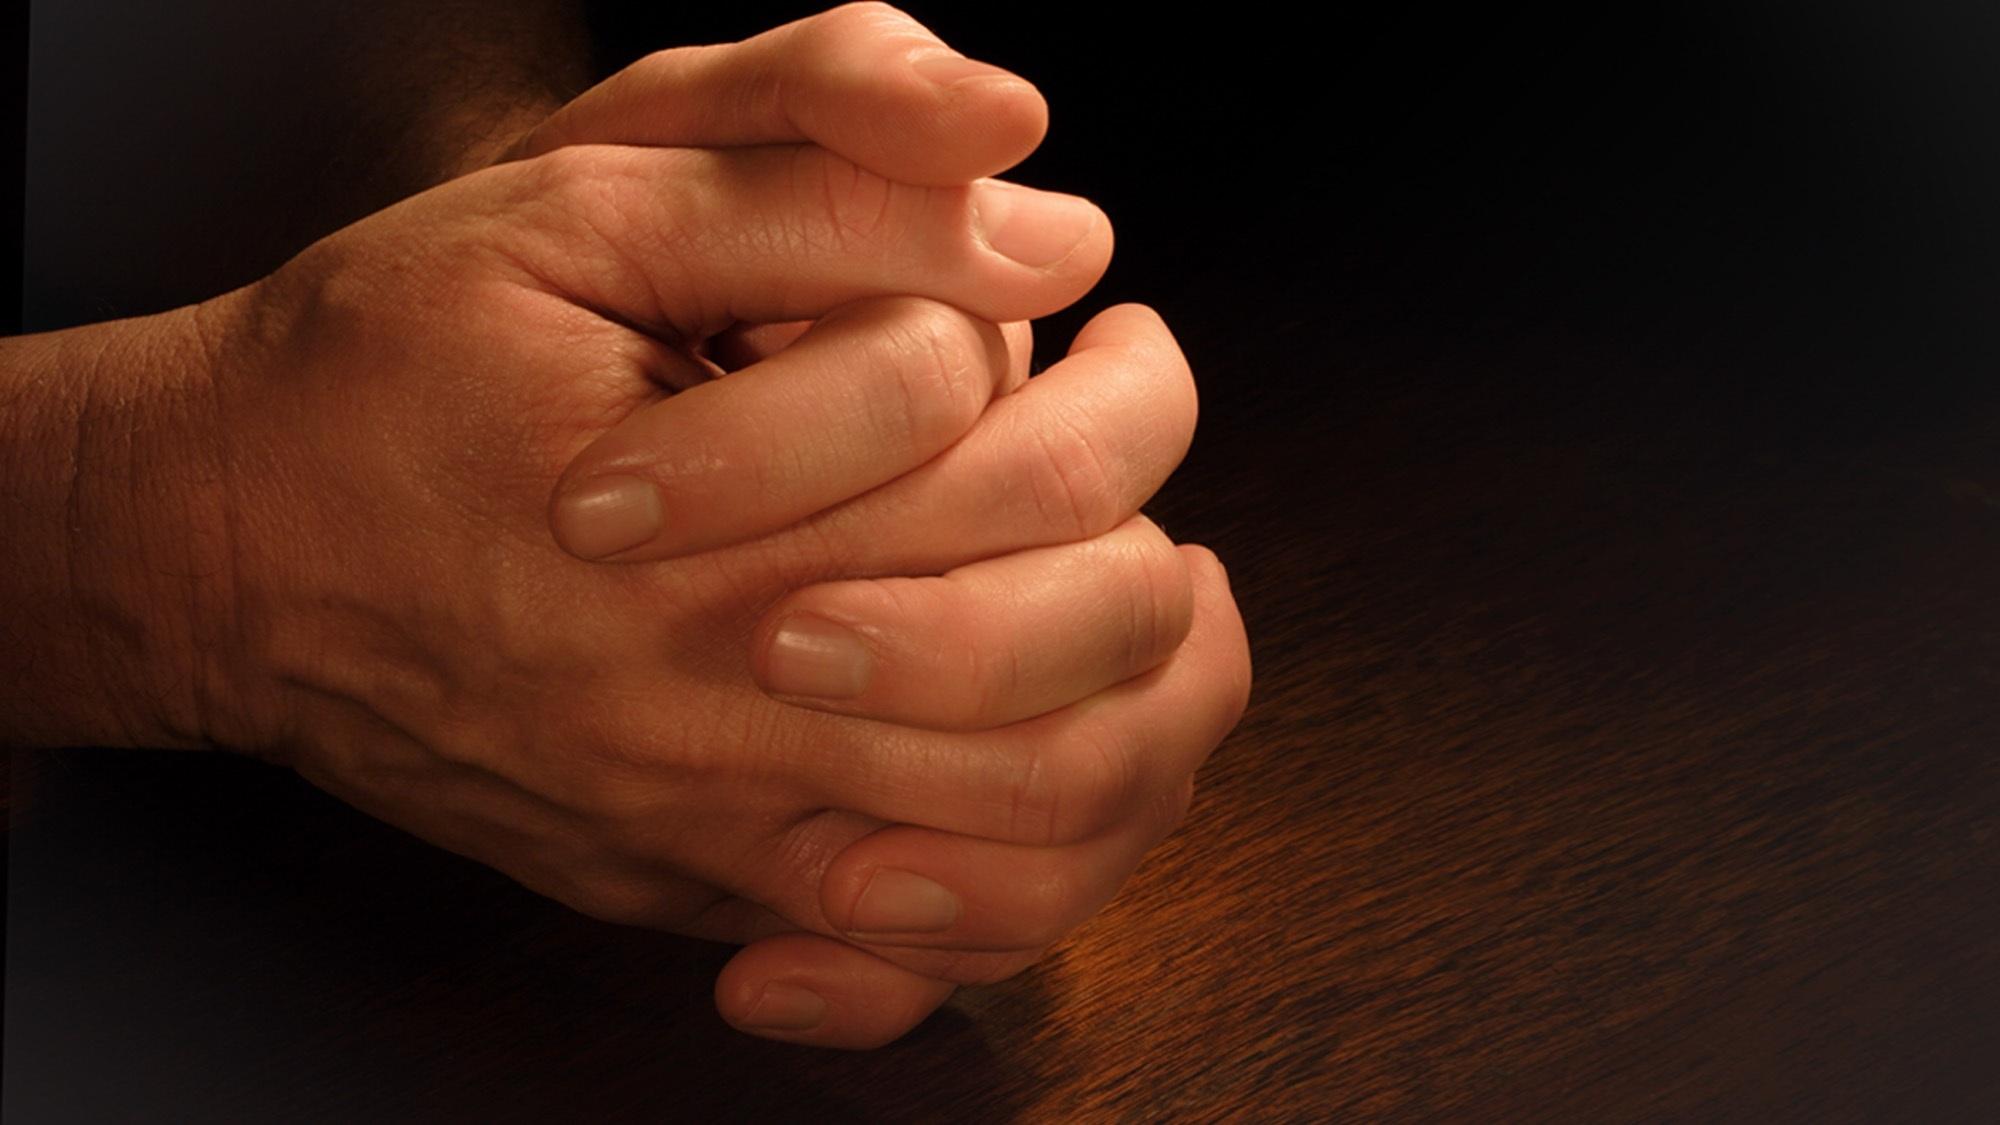 Молитвы, чтобы найти хорошую работу – прошение святых об успешном поиске и устройстве на работу